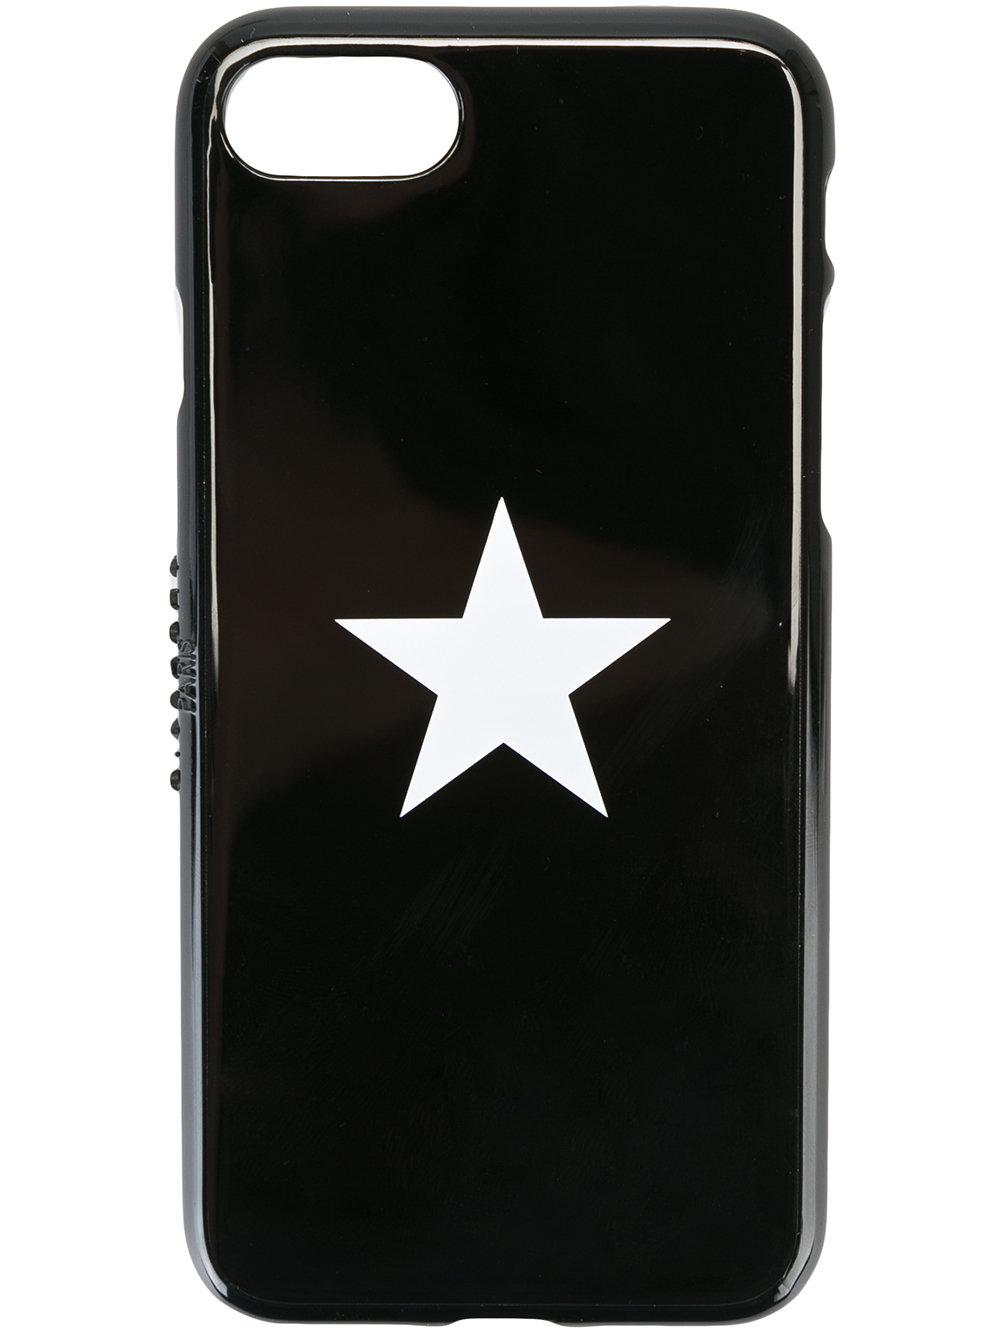 Калъф за iPhone 7 Givenchy; 174.25лв